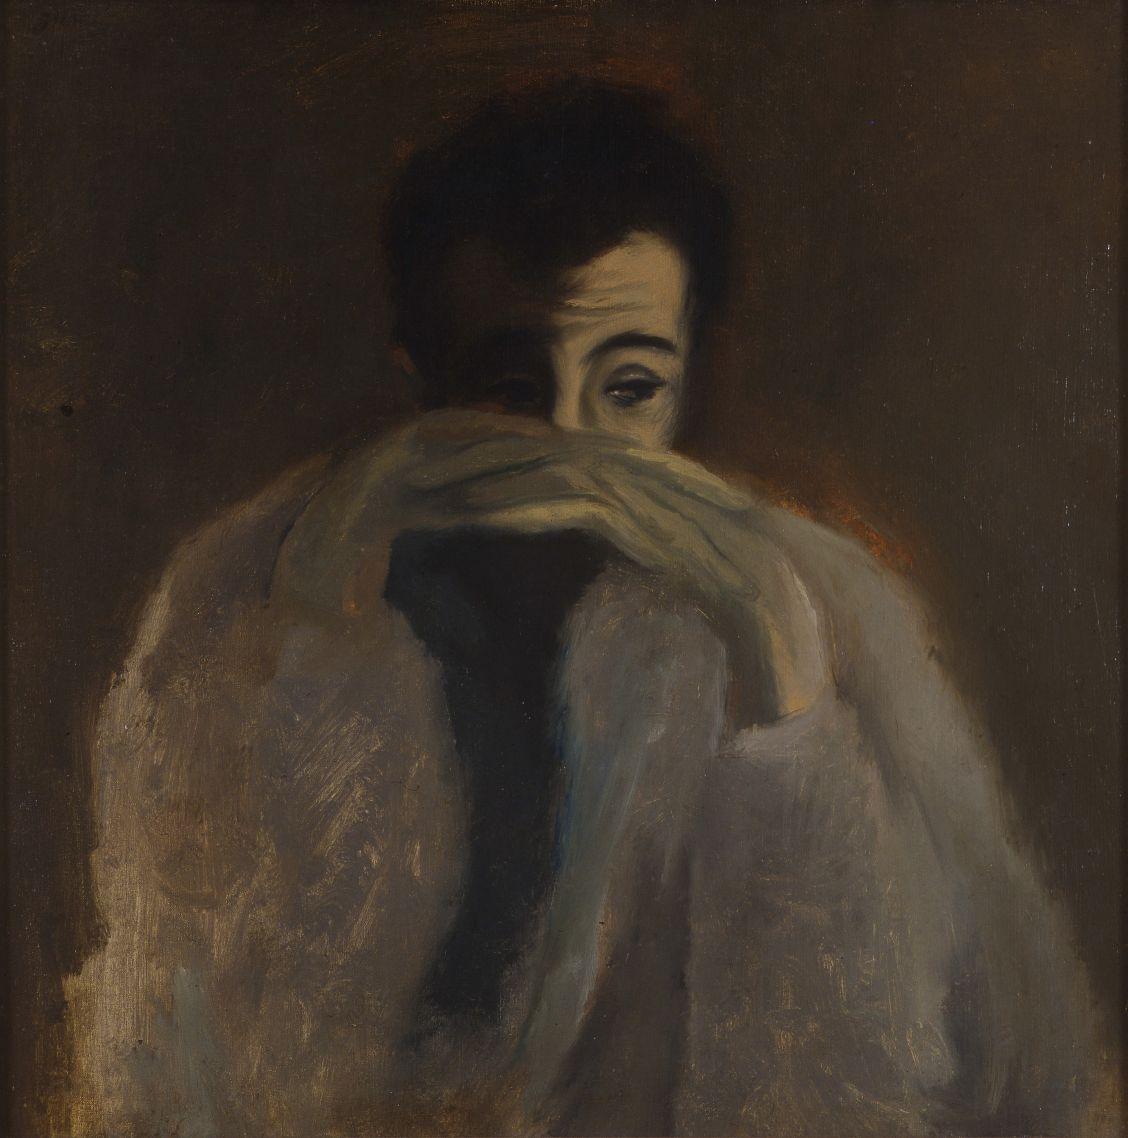 Jan Cox, Zelfportret, 1944, olie op doek. Galerie De Zwarte Panter, Antwerpen